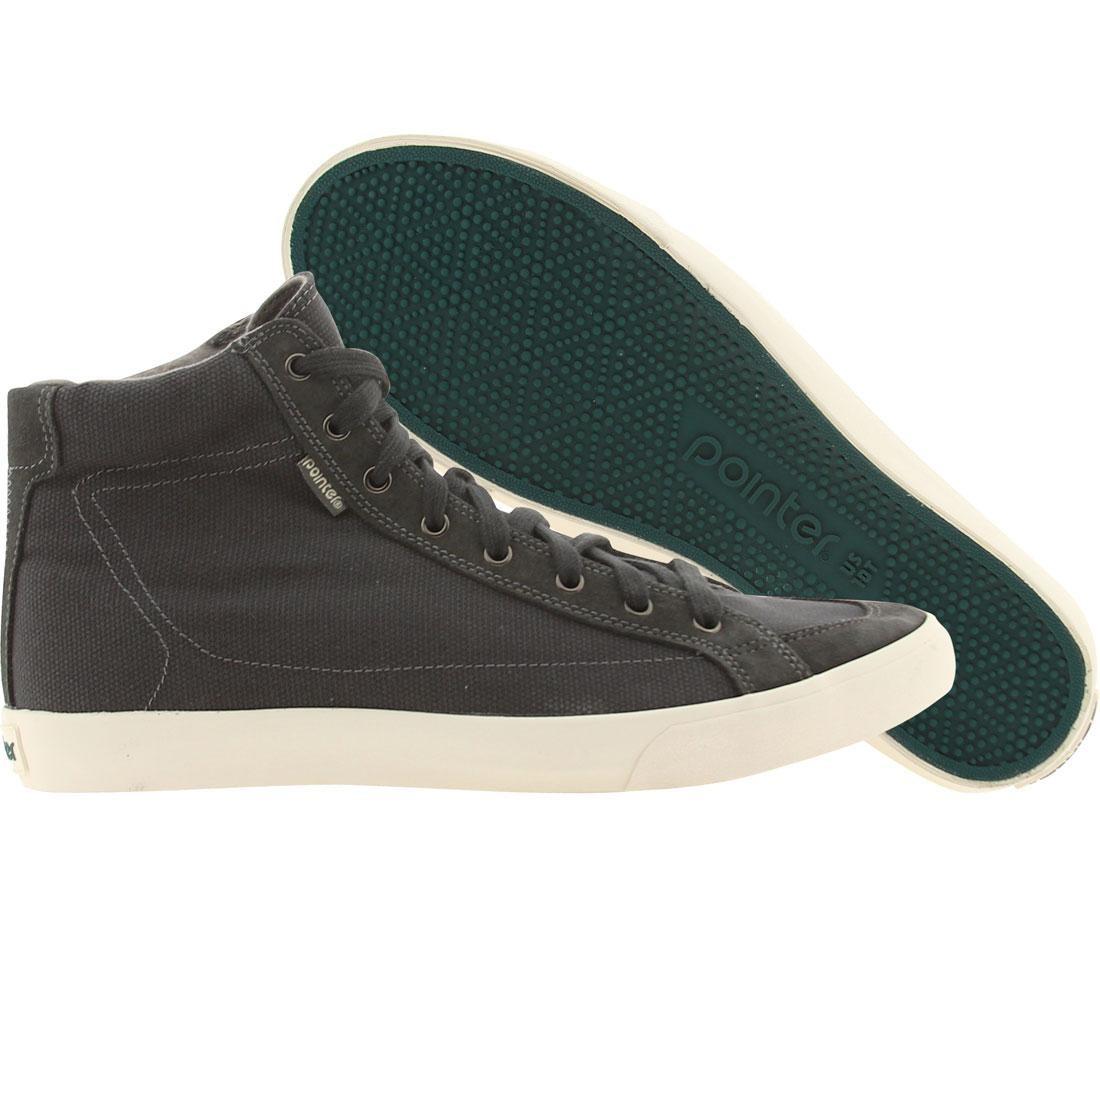 【海外限定】メンズ靴 靴 【 POINTER SOMA II CHARCOAL 】